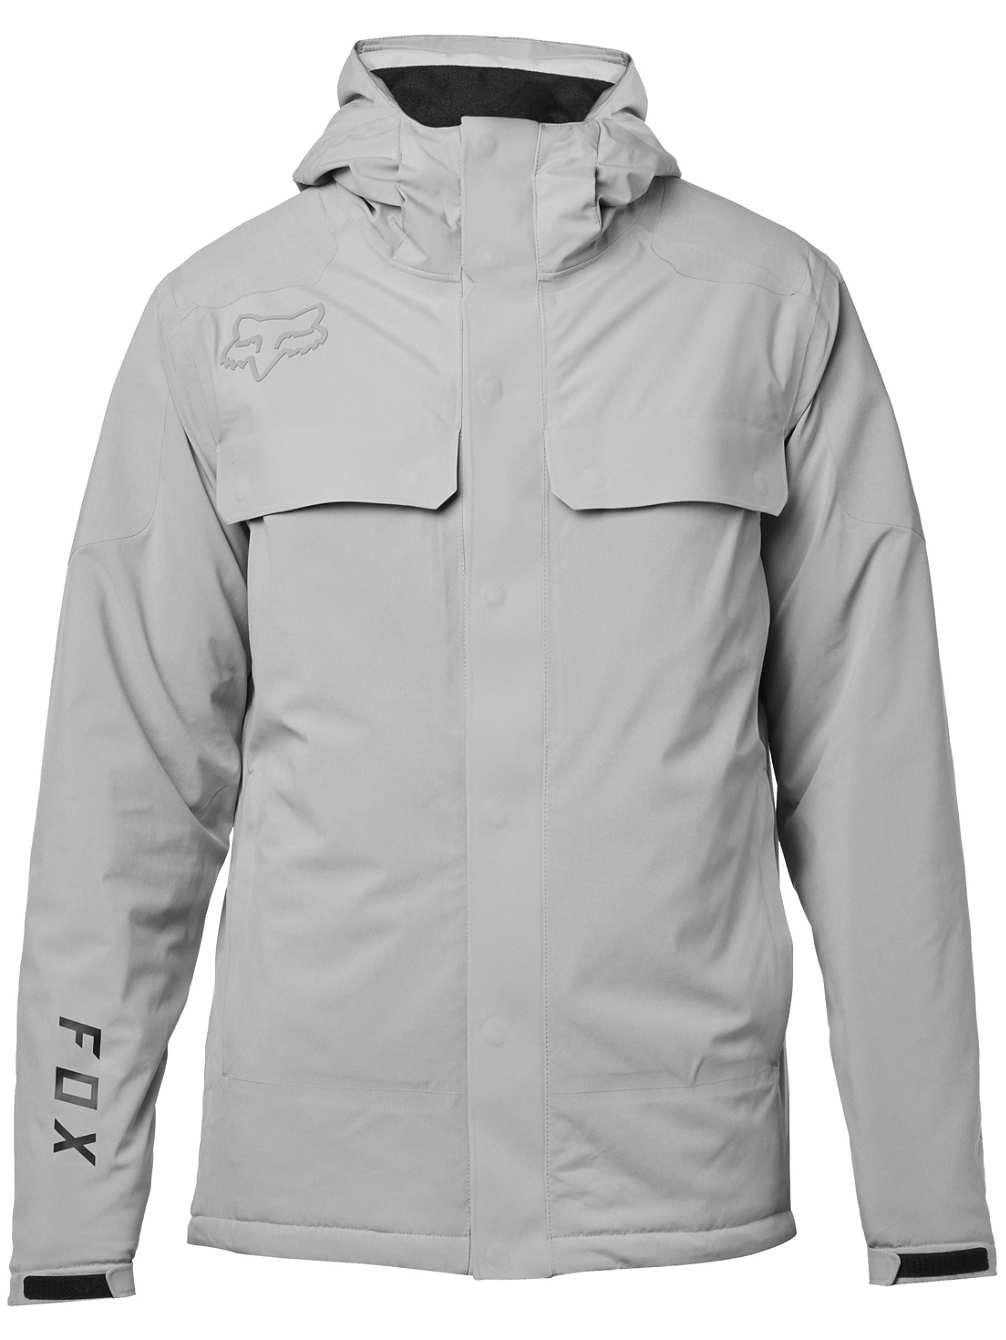 22560-172-M STEEL GREY Fox Racing Redplate Flexair Jacket MEDIUM